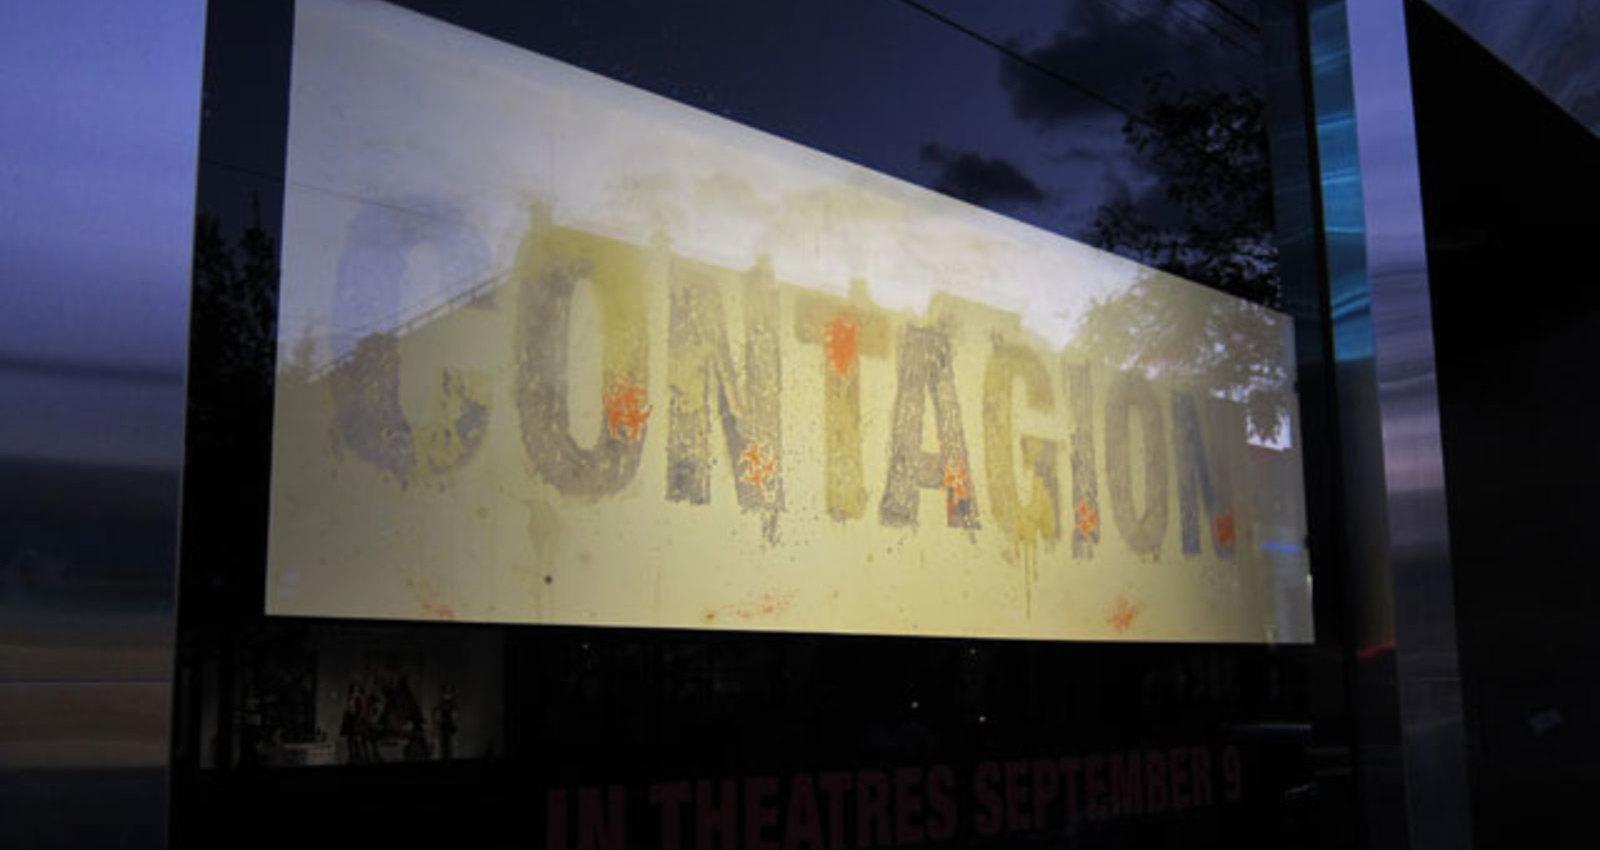 Bacteria Billboards